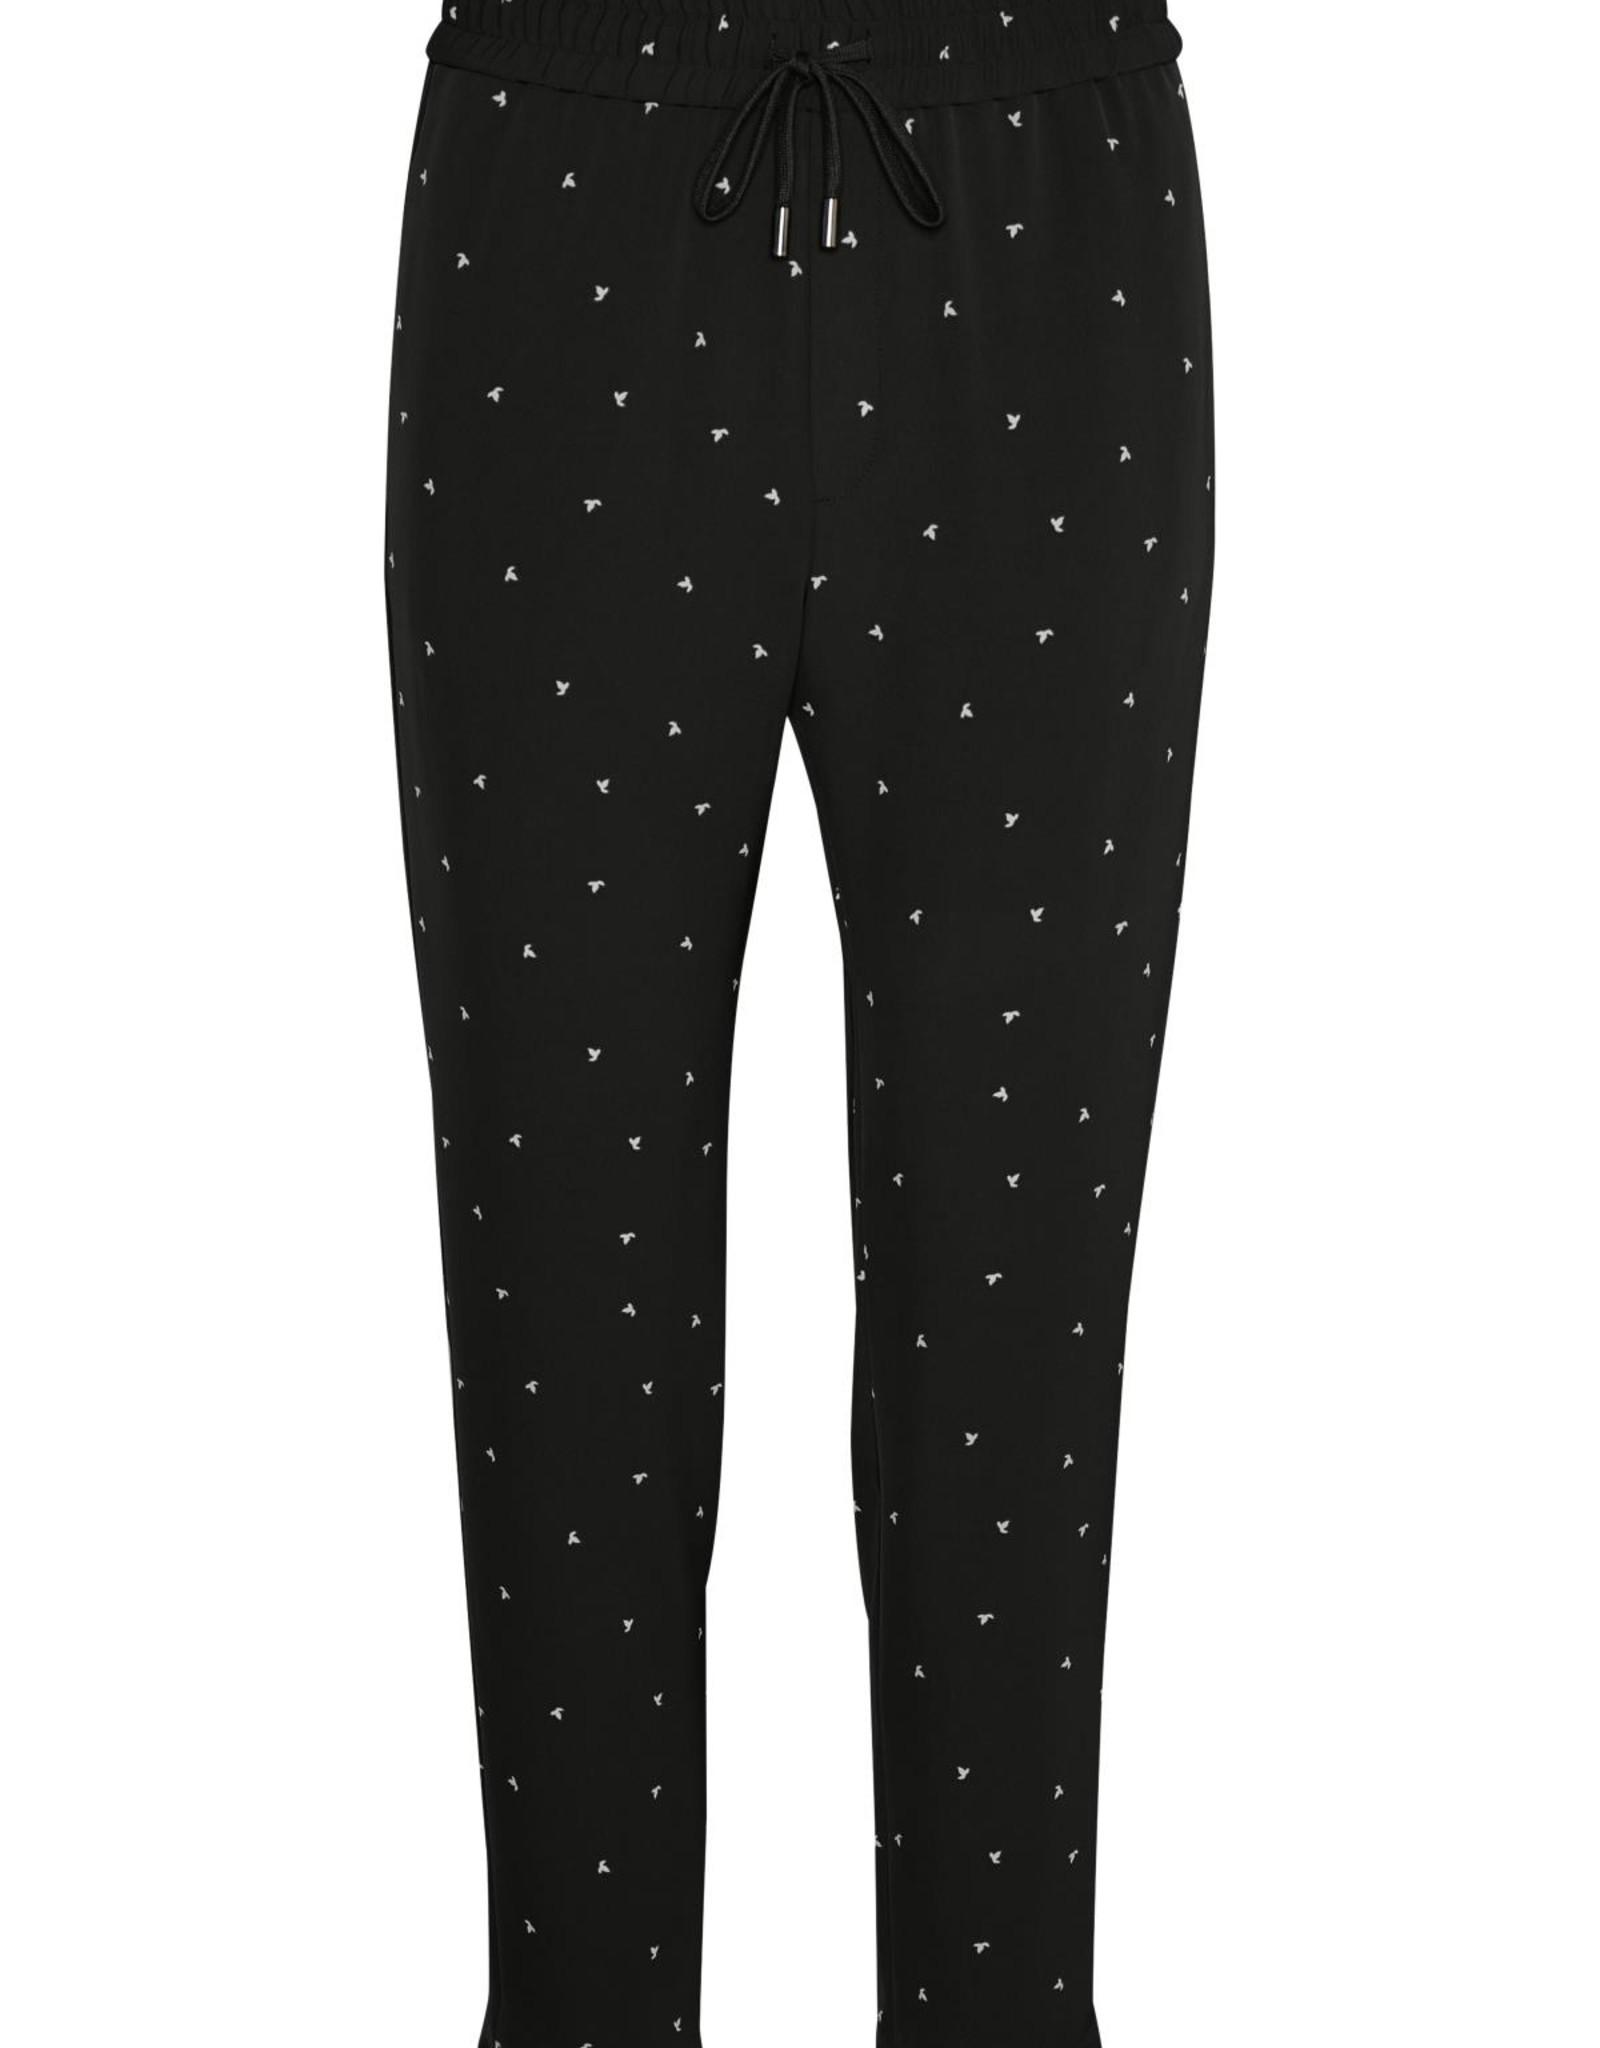 InWear Zaneta Pant Nica Fit Black Spaced Dot